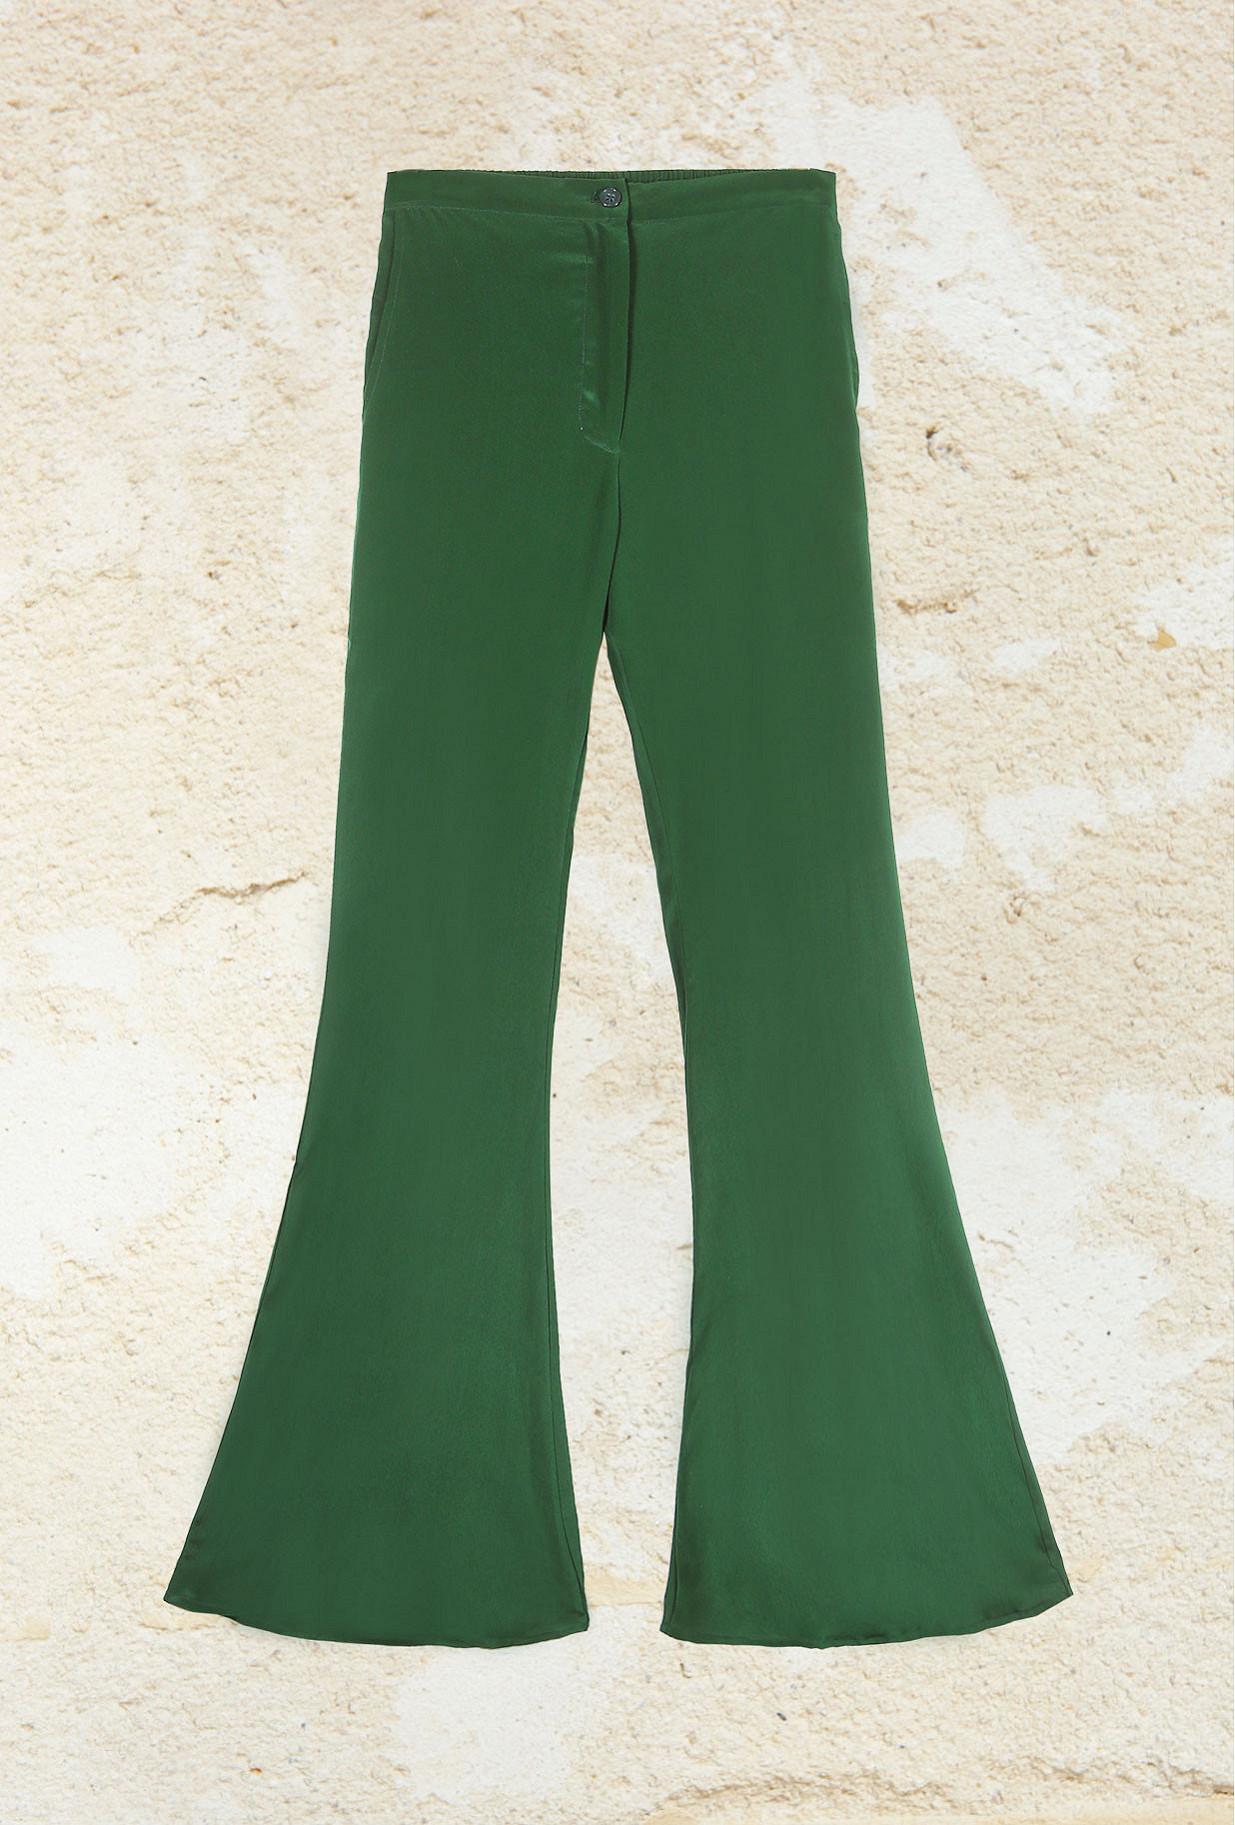 Pantalon Vert  Express mes demoiselles paris vêtement femme paris